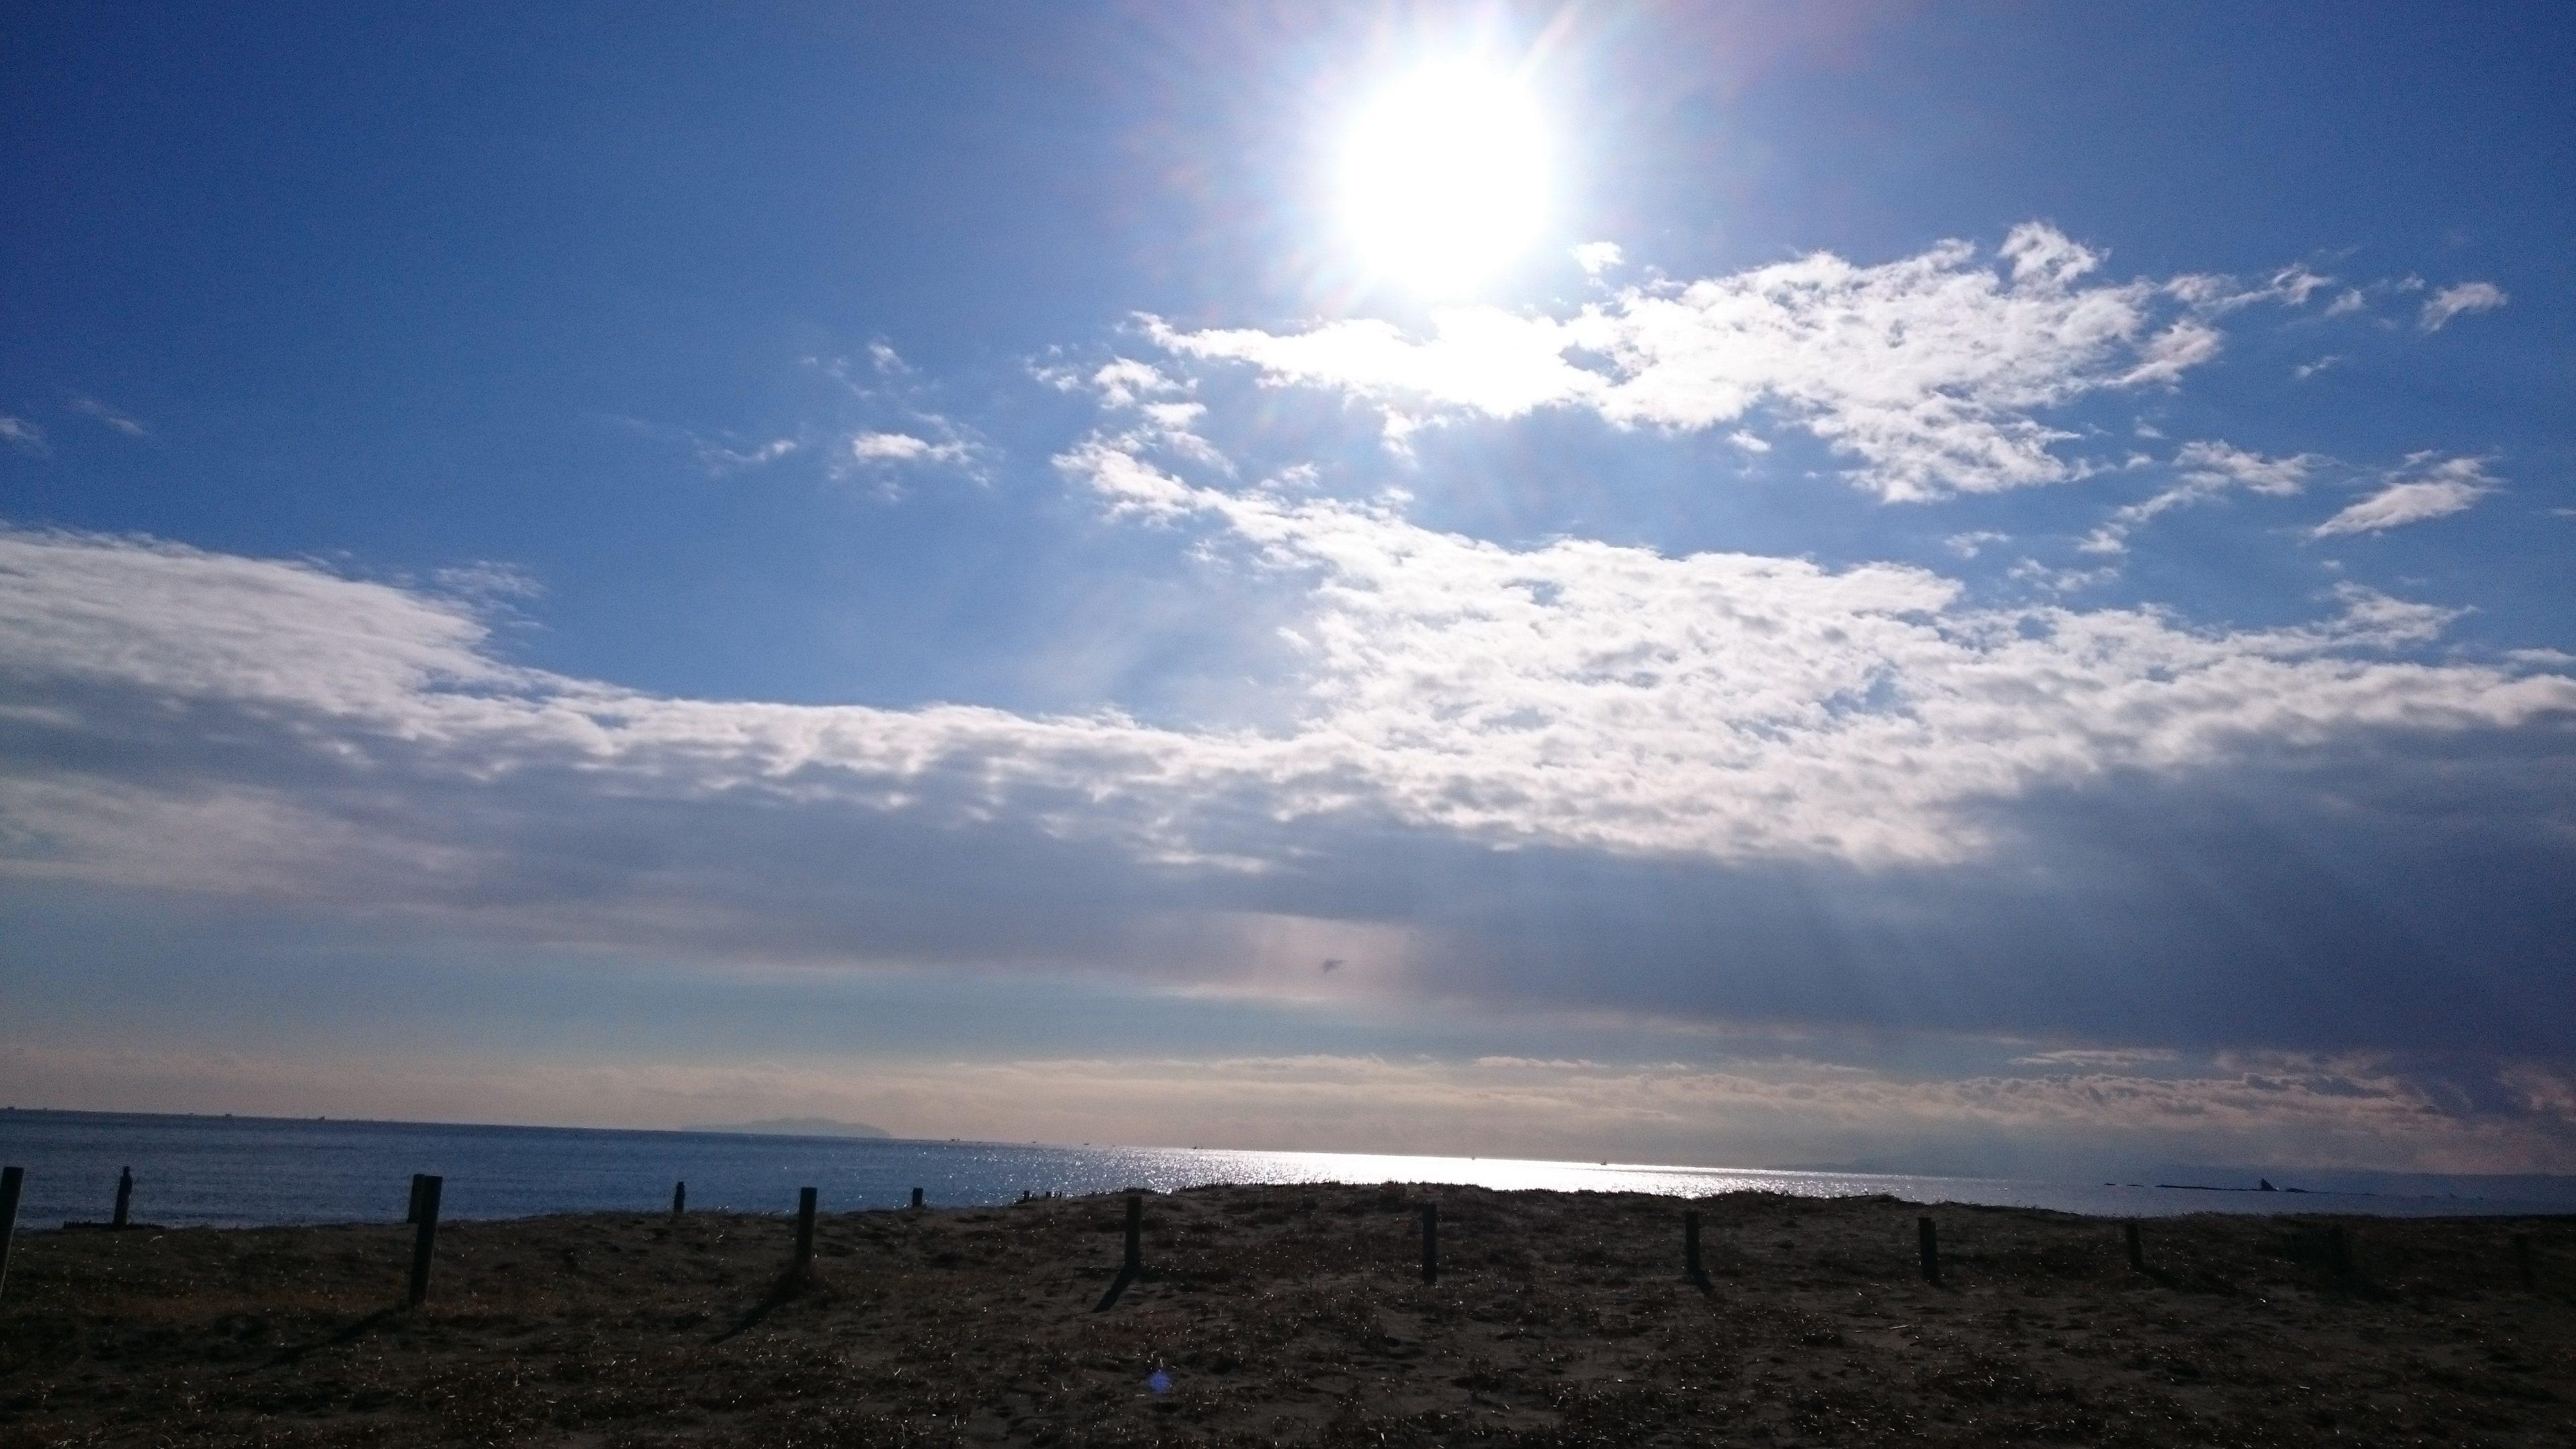 コンテナハウスのある海岸